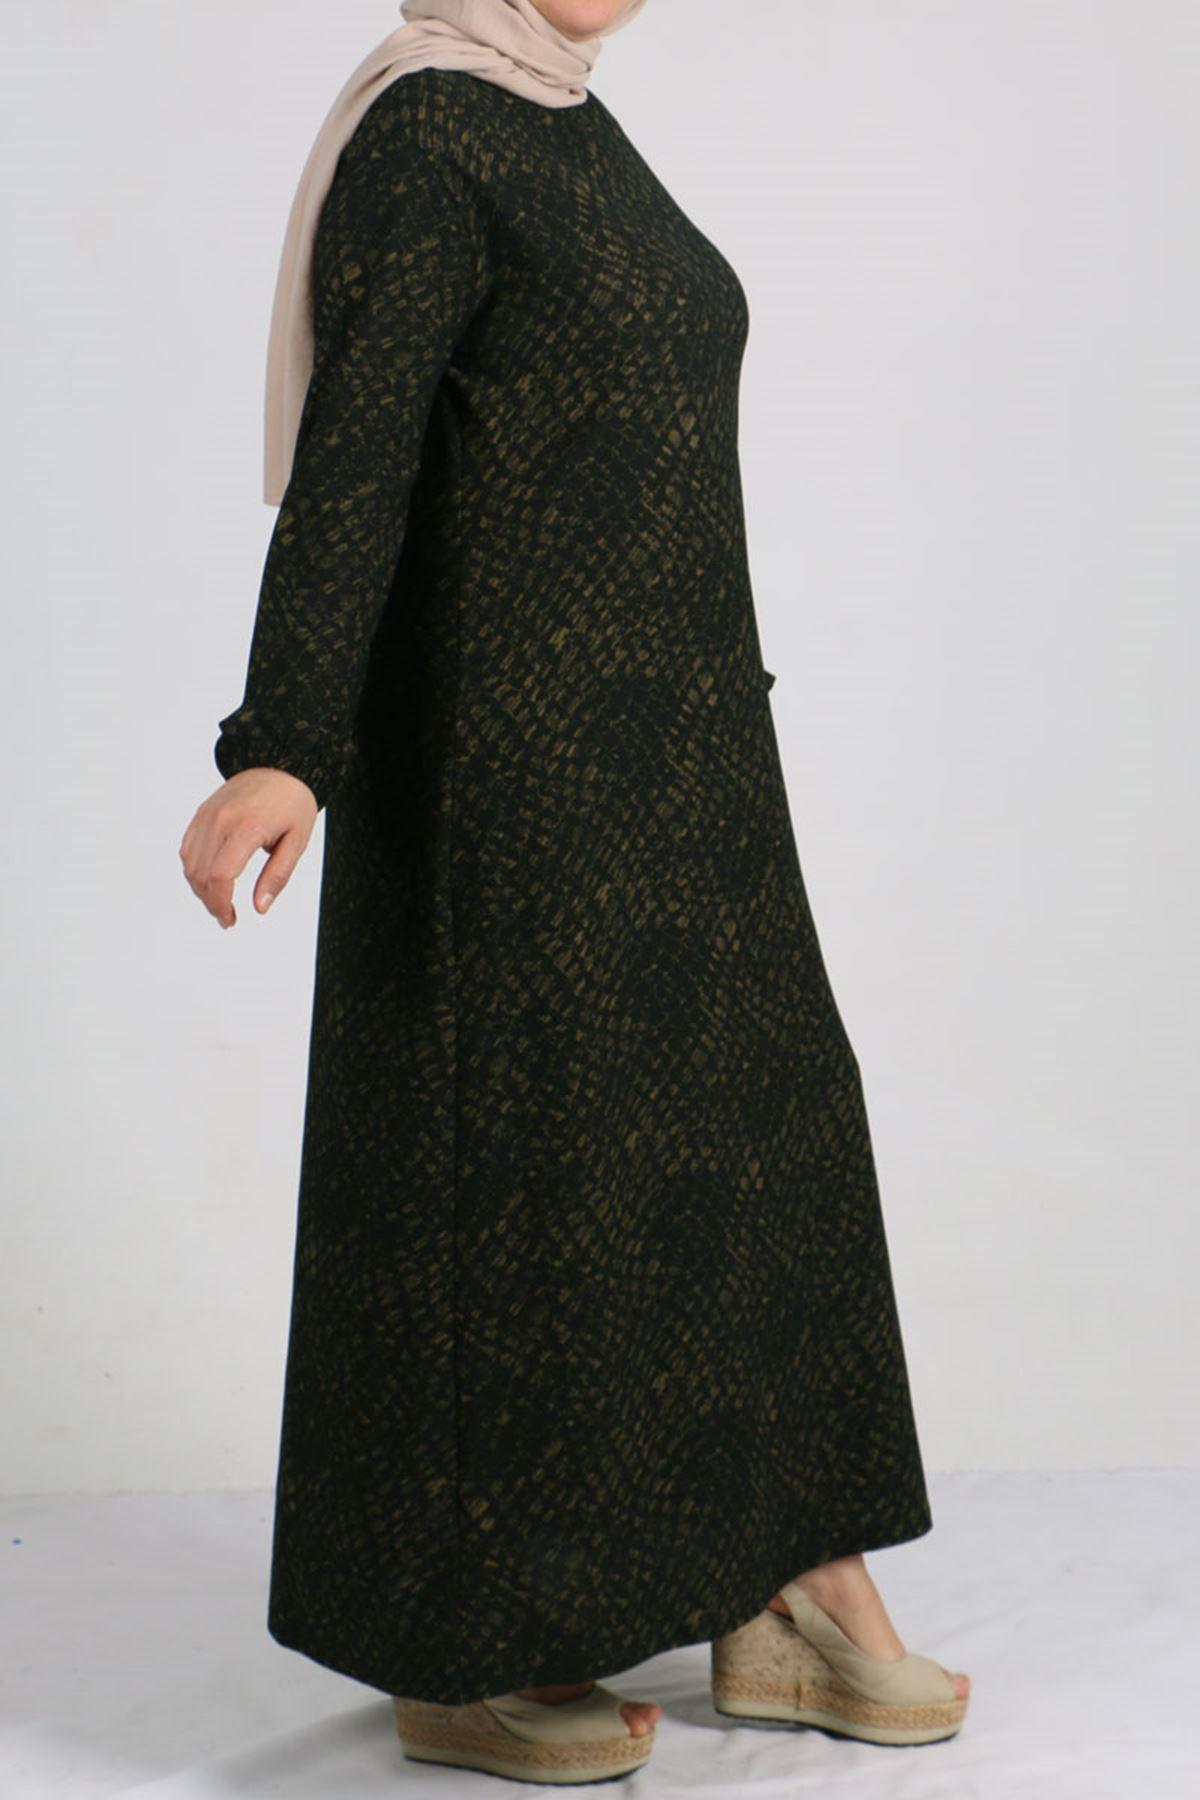 2093 Büyük Beden Örme Krep Kolu Lastikli Elbise - Baskılı Haki